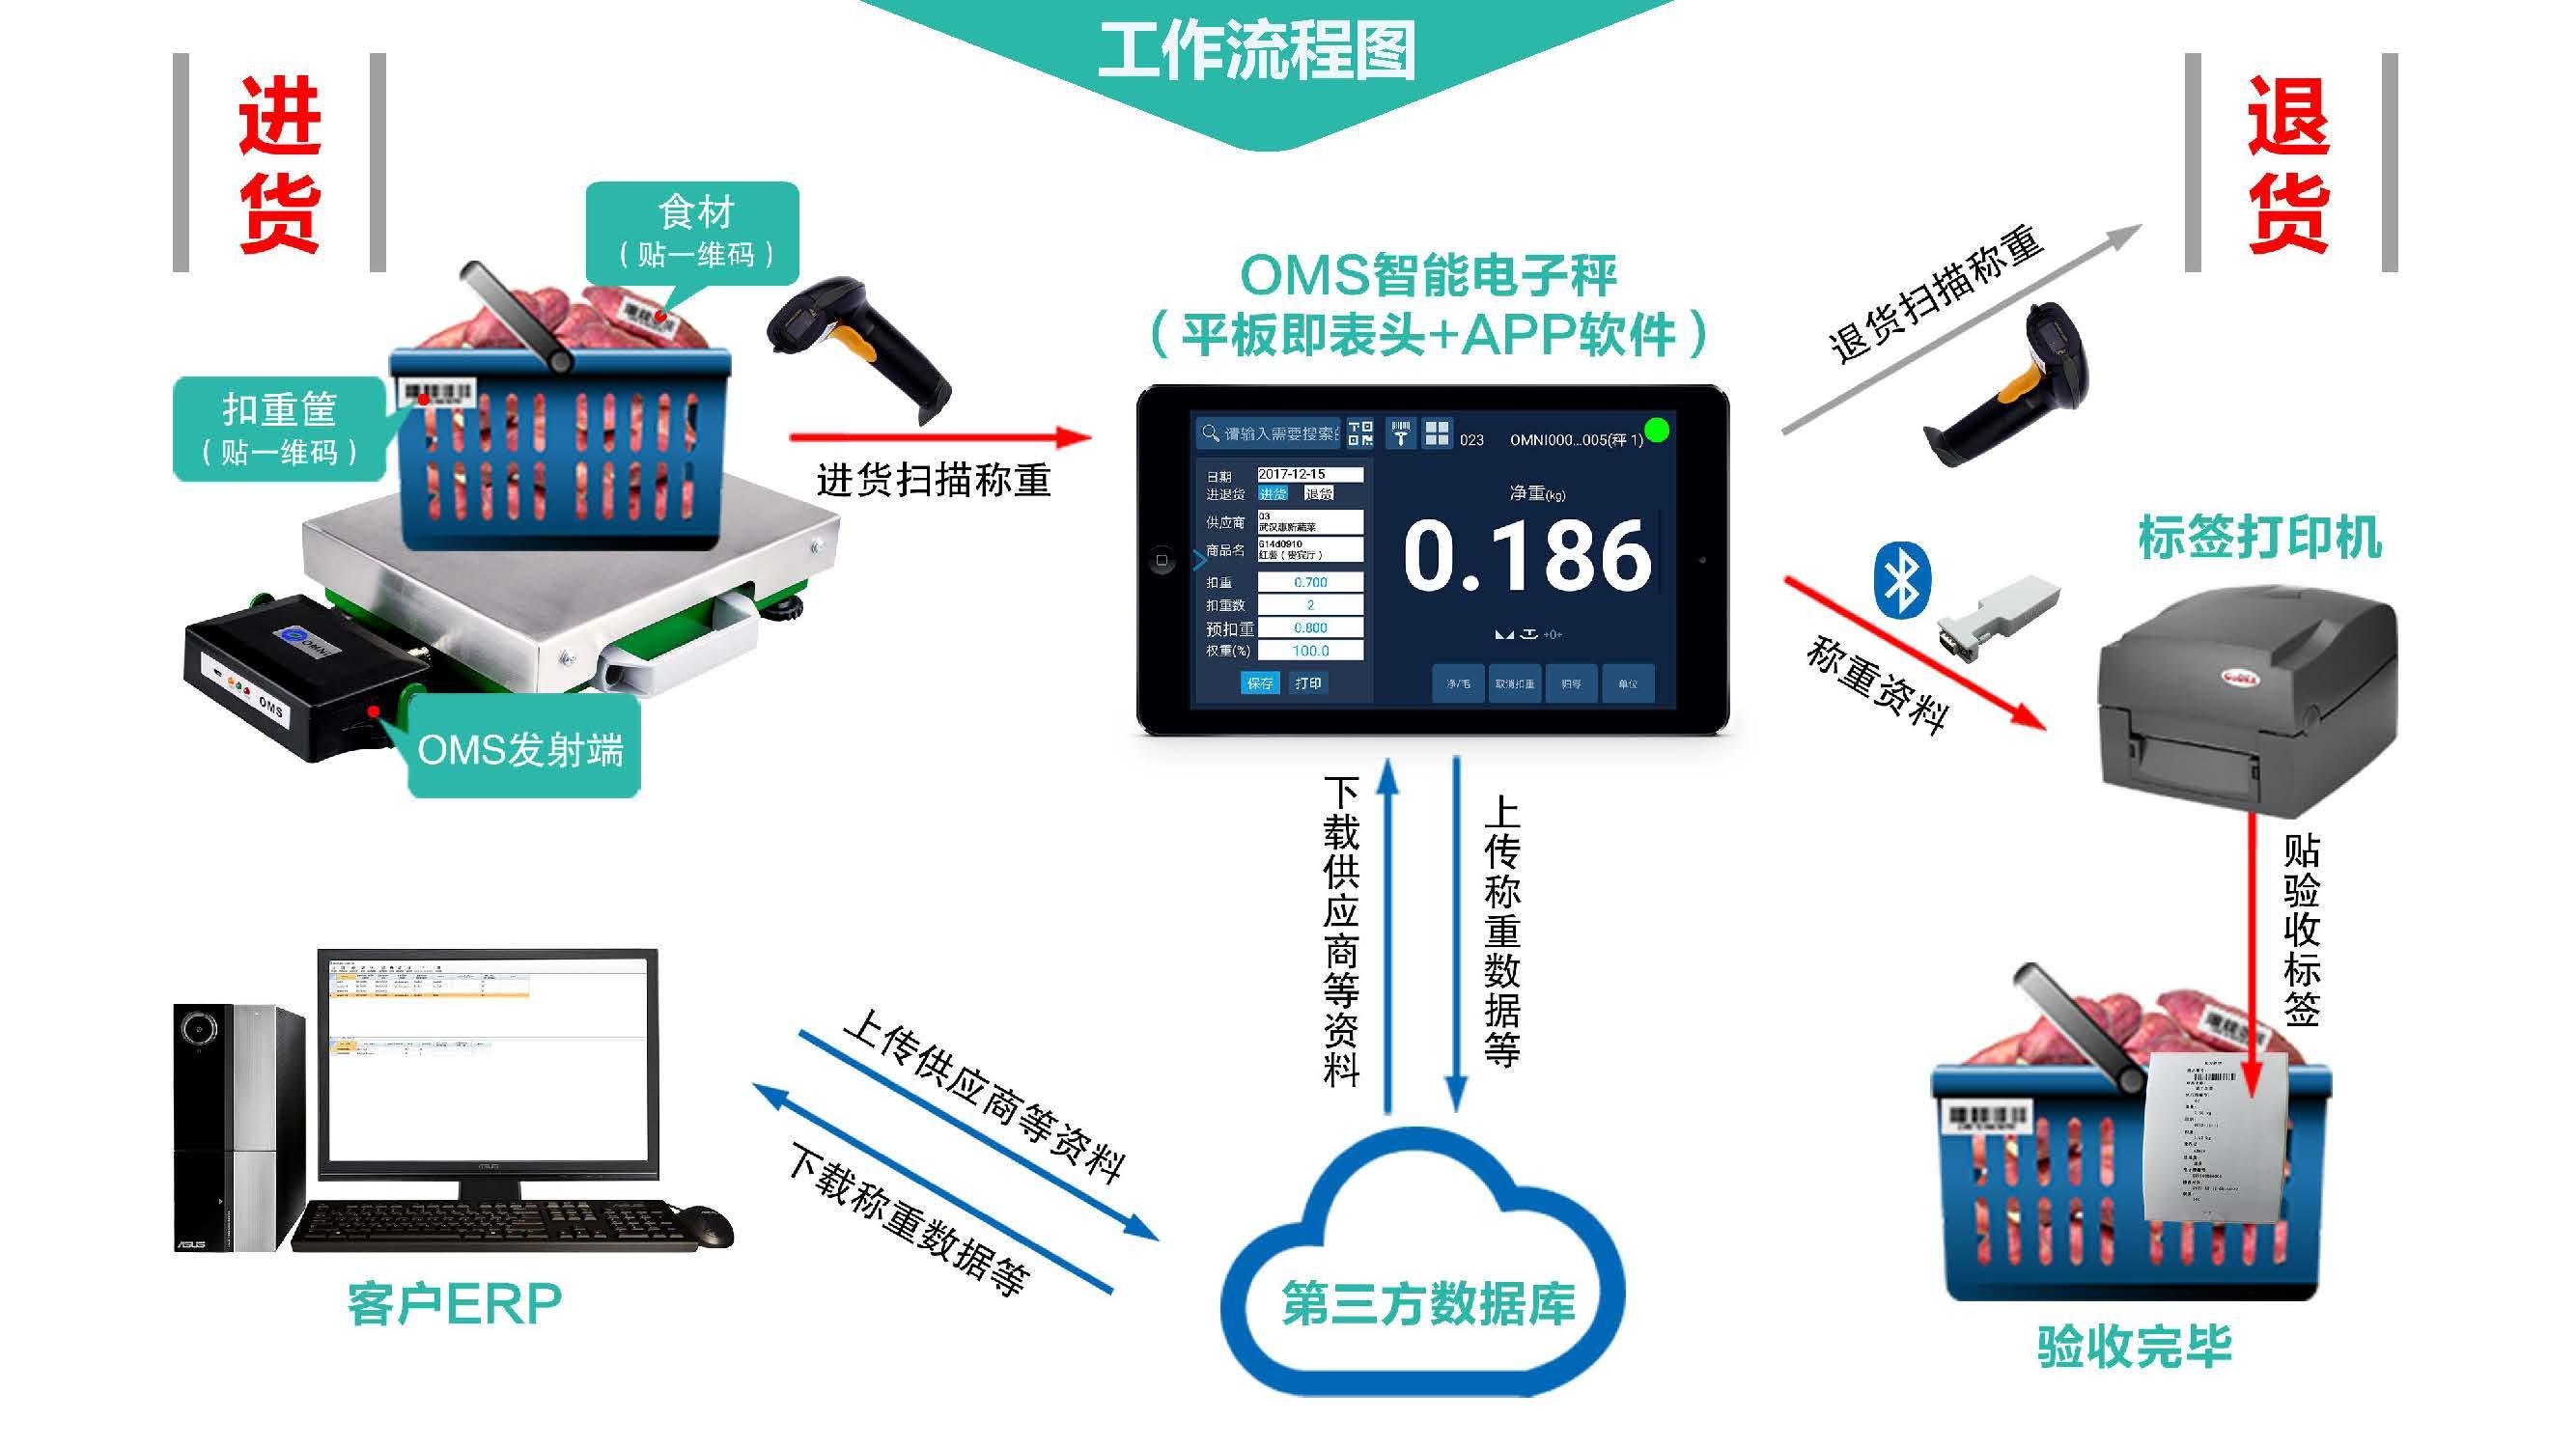 <strong>基于APP安卓智能电子秤称重系统</strong>-上海本熙科技